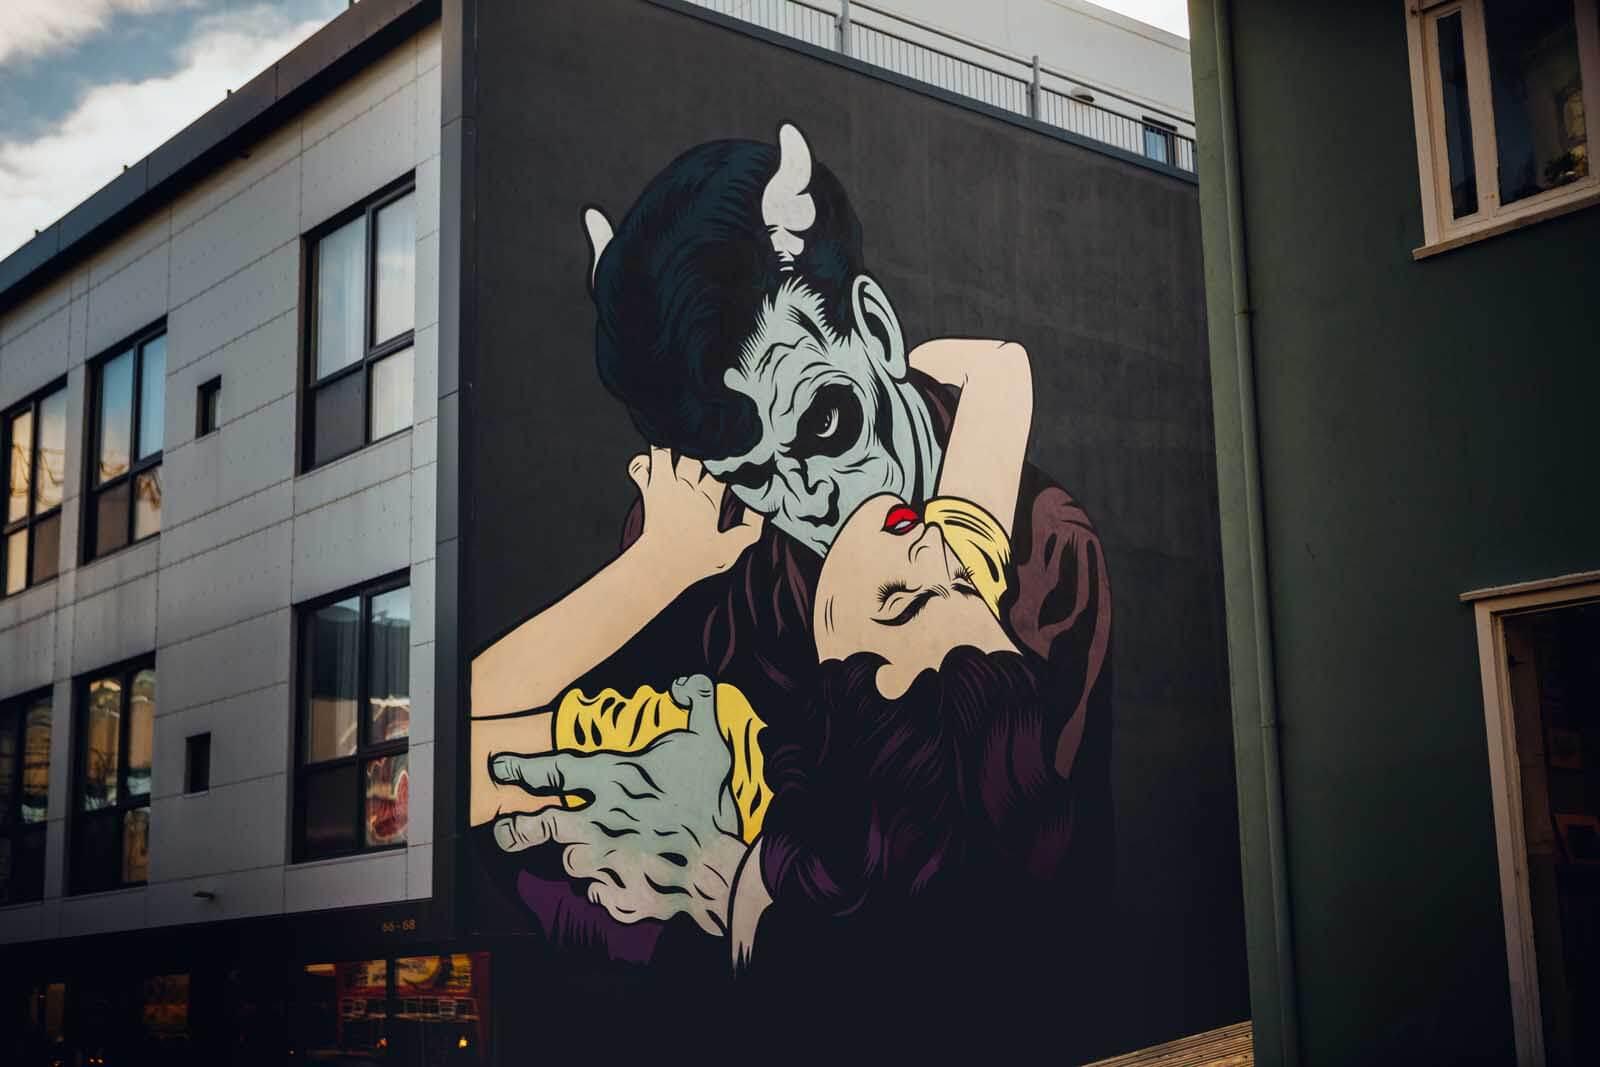 Street Art vampire mural in Reykjavik